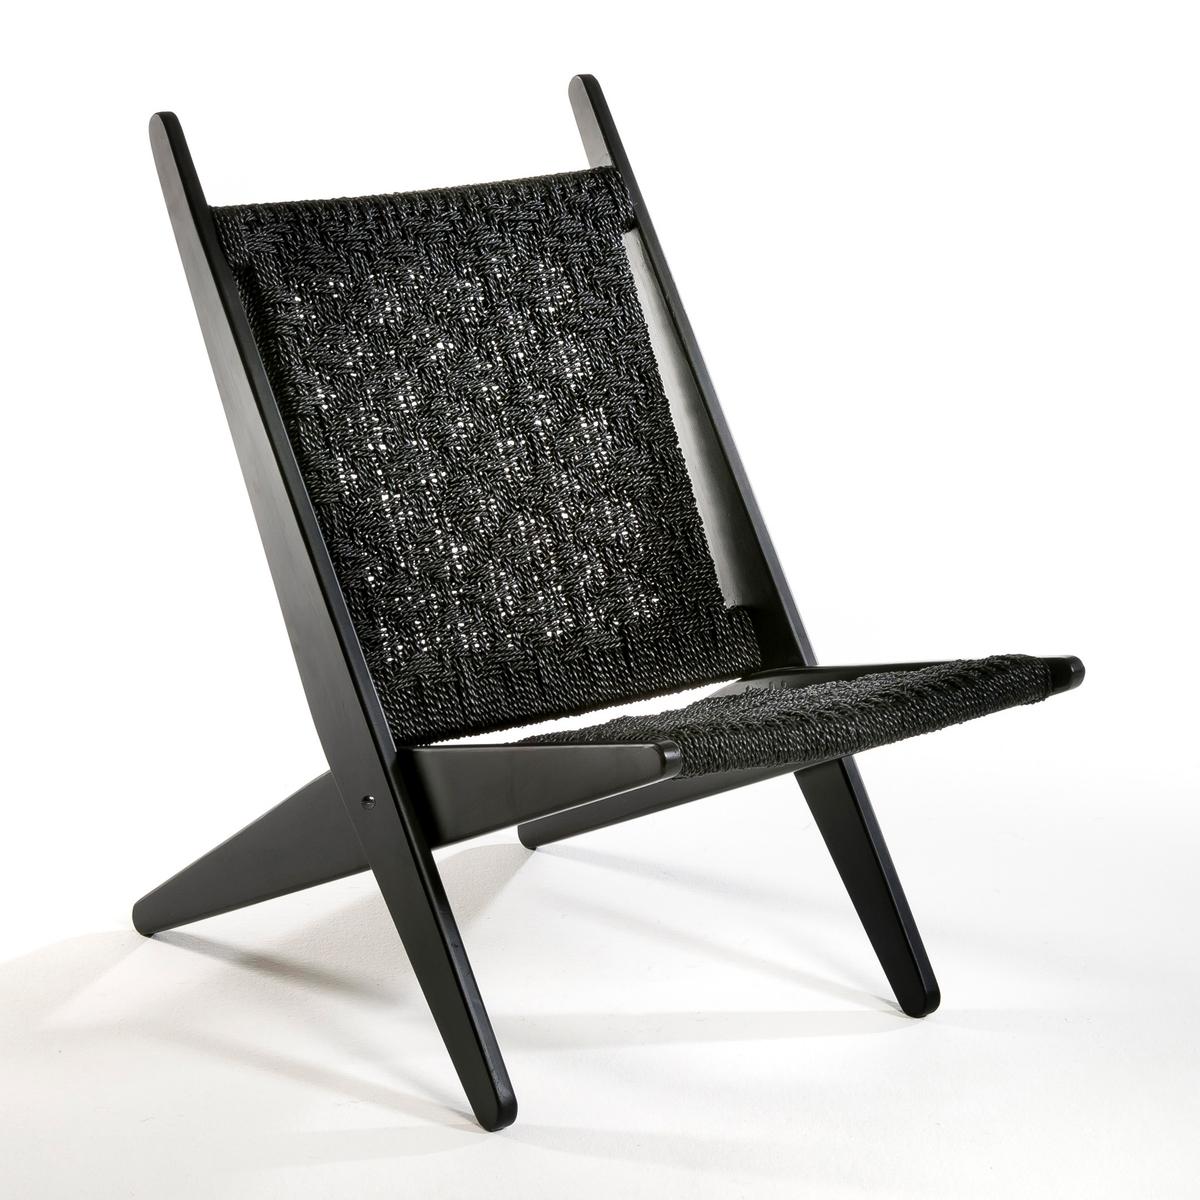 Складное кресло AncelieКресло Ancelie. Складное кресло, очень удобное благодаря плетеной спинке и сиденью. Характеристики: - Из красного дерева с матовой отделкой черного цвета.- Плетеная спинка и сиденье из волокон гиацинта.- Складное.Размеры: - Ш.51 x В.73 x Г.85 см.- Сиденье: Ш.46 x Г.53 см.<br><br>Цвет: черный